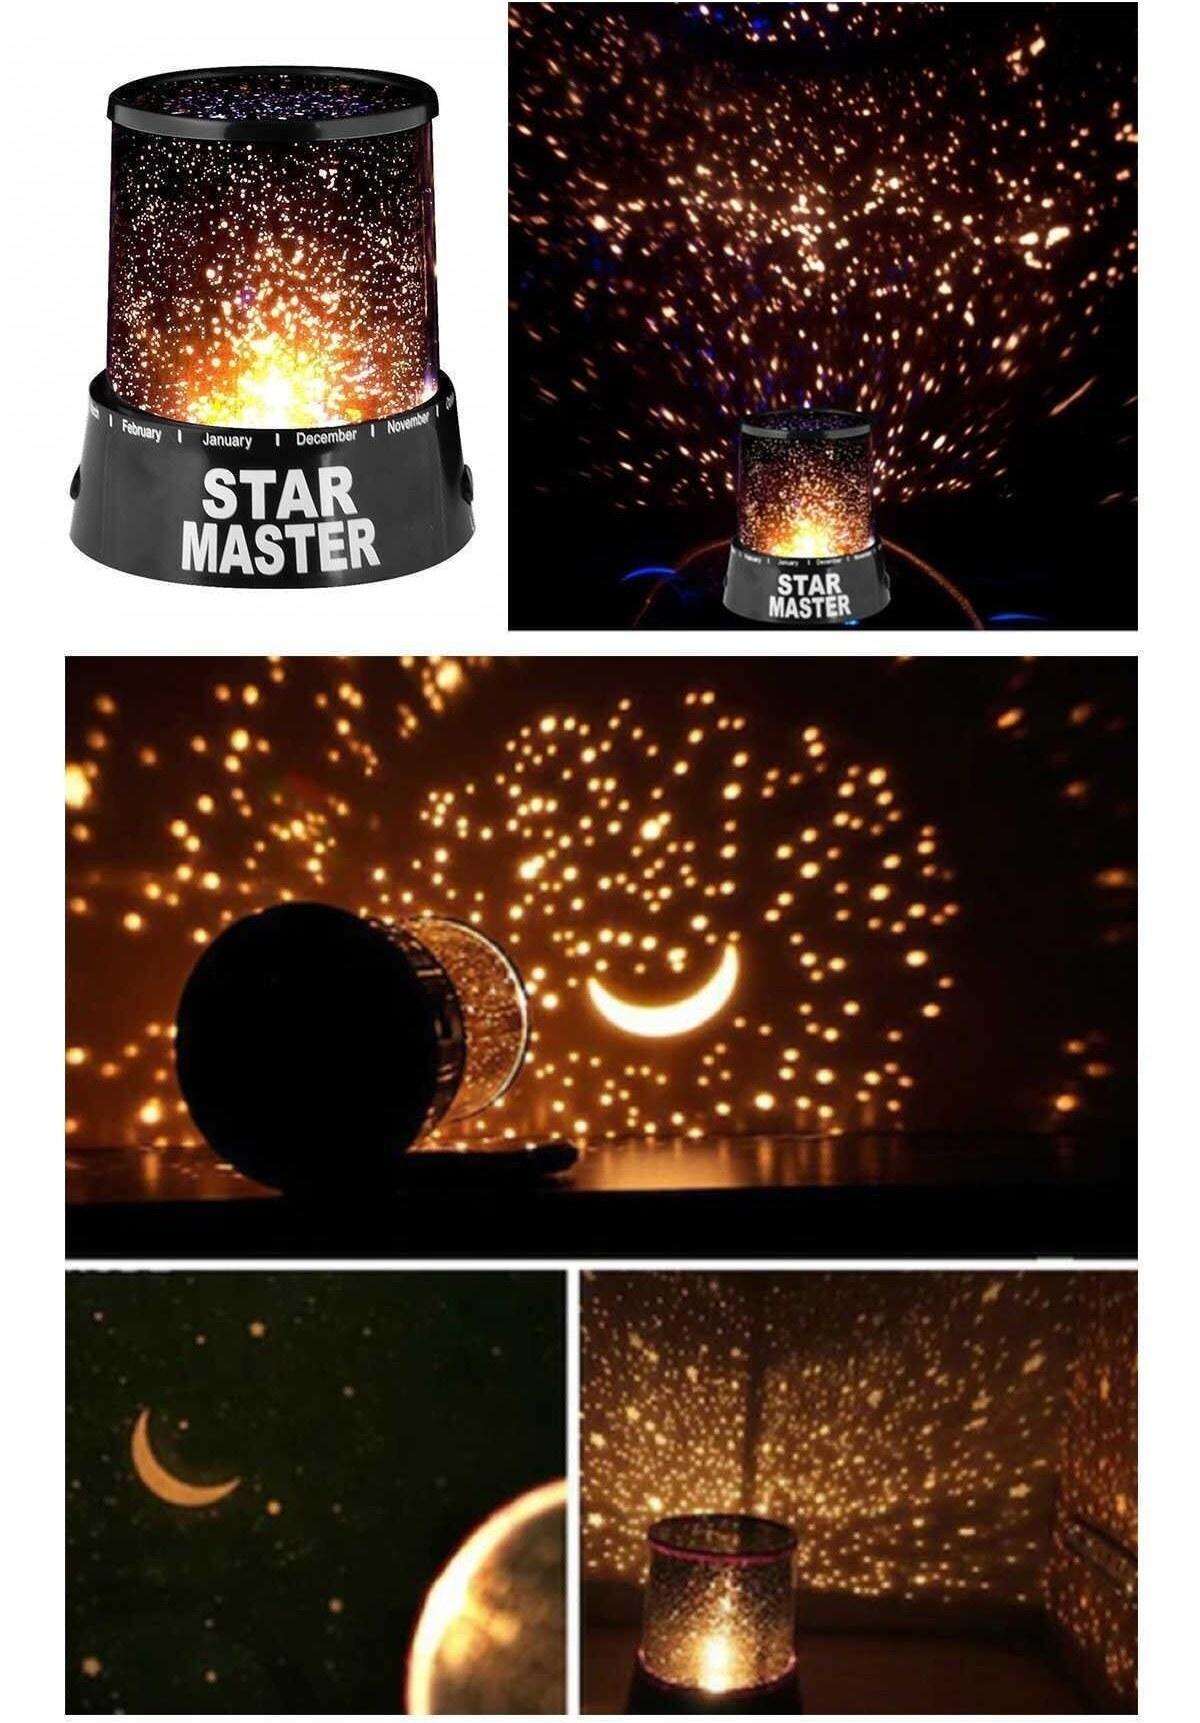 آباژور برند Star Master کد 1605874515